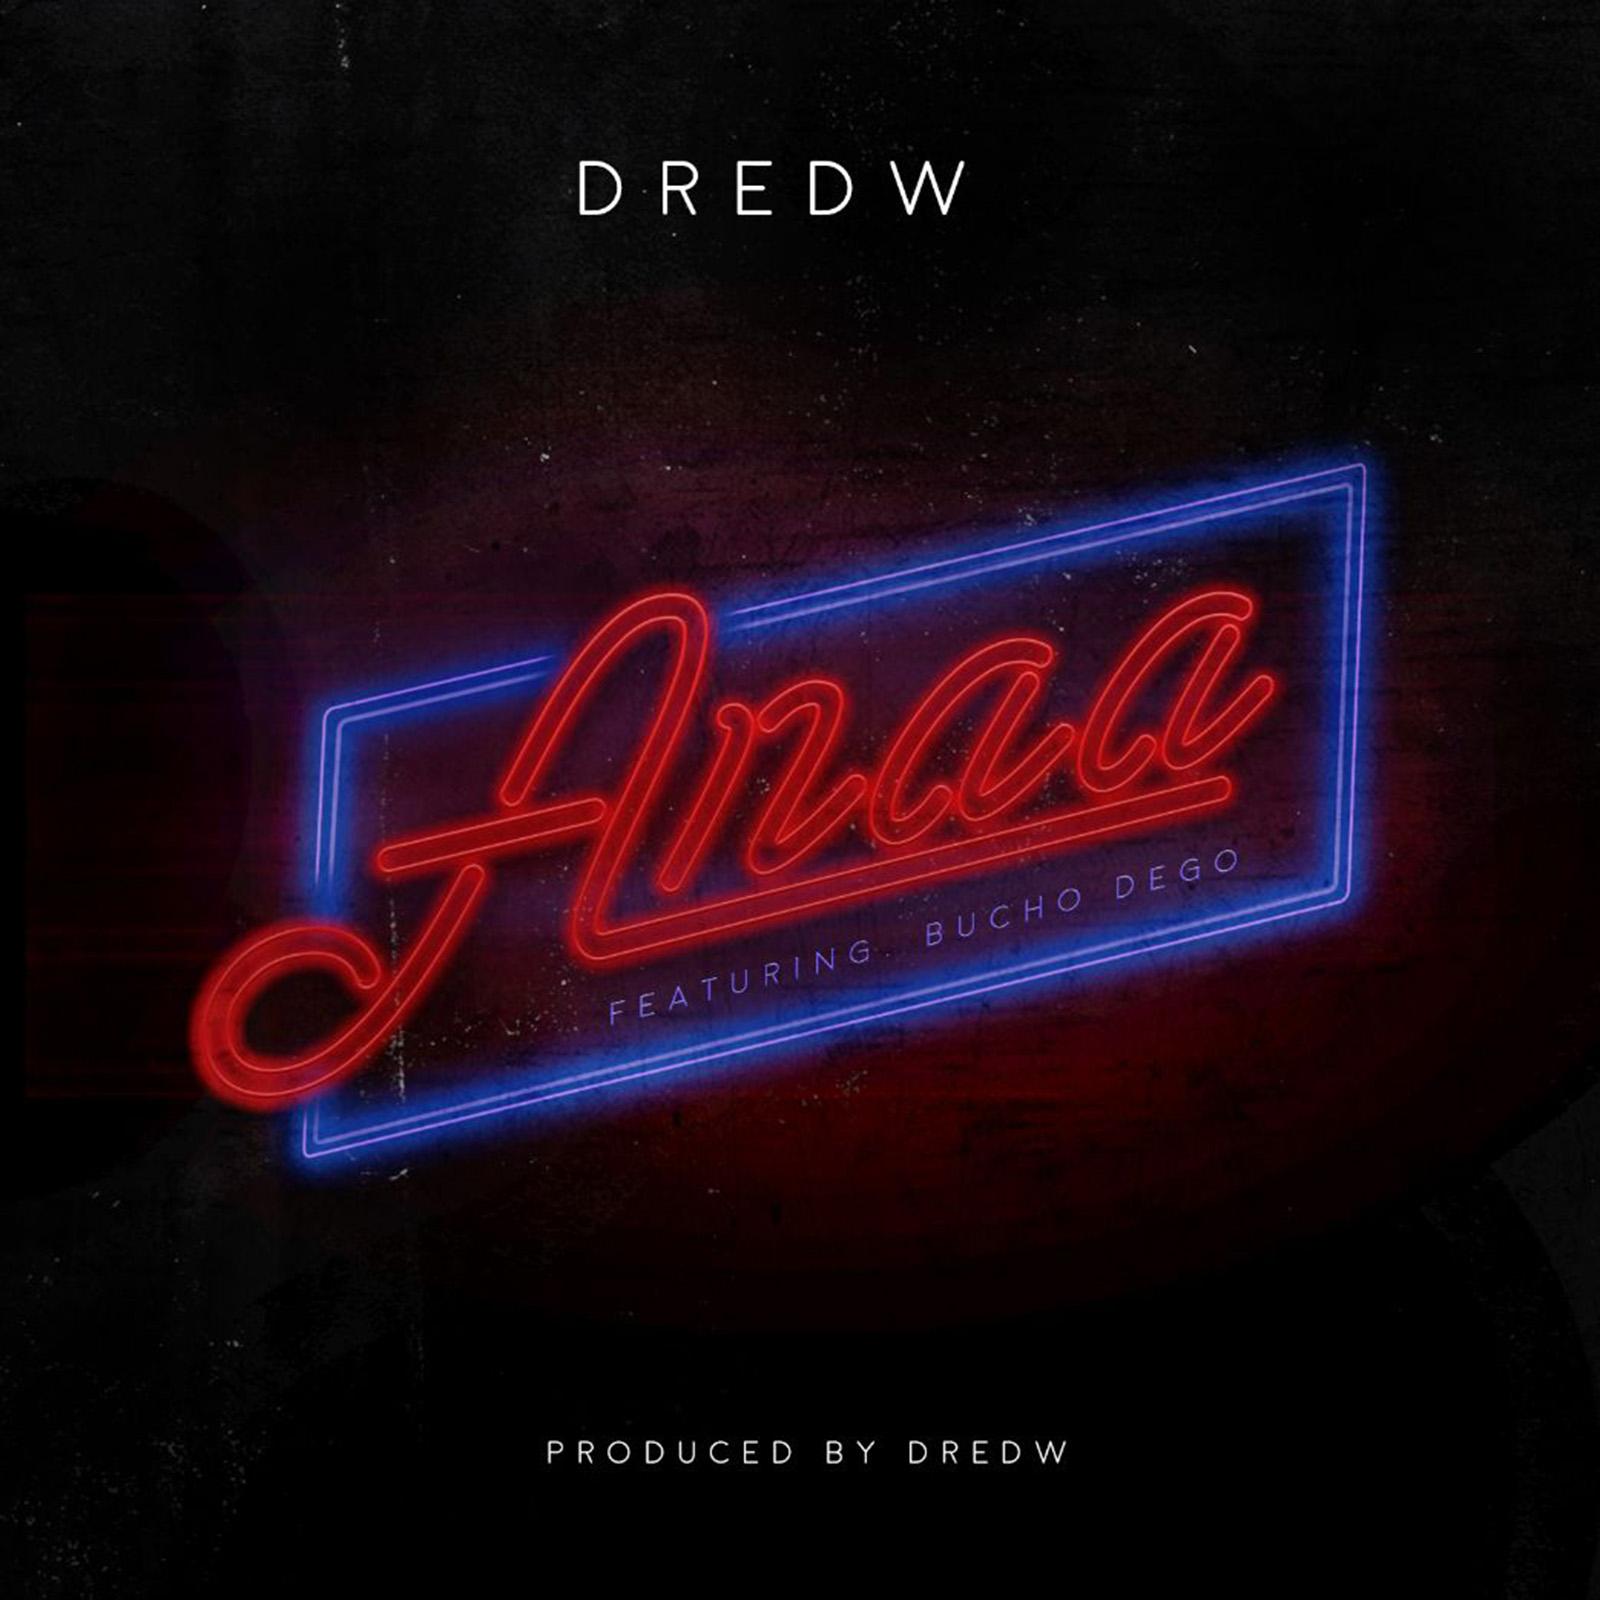 Anaa by DredW feat. Bucho DeGo